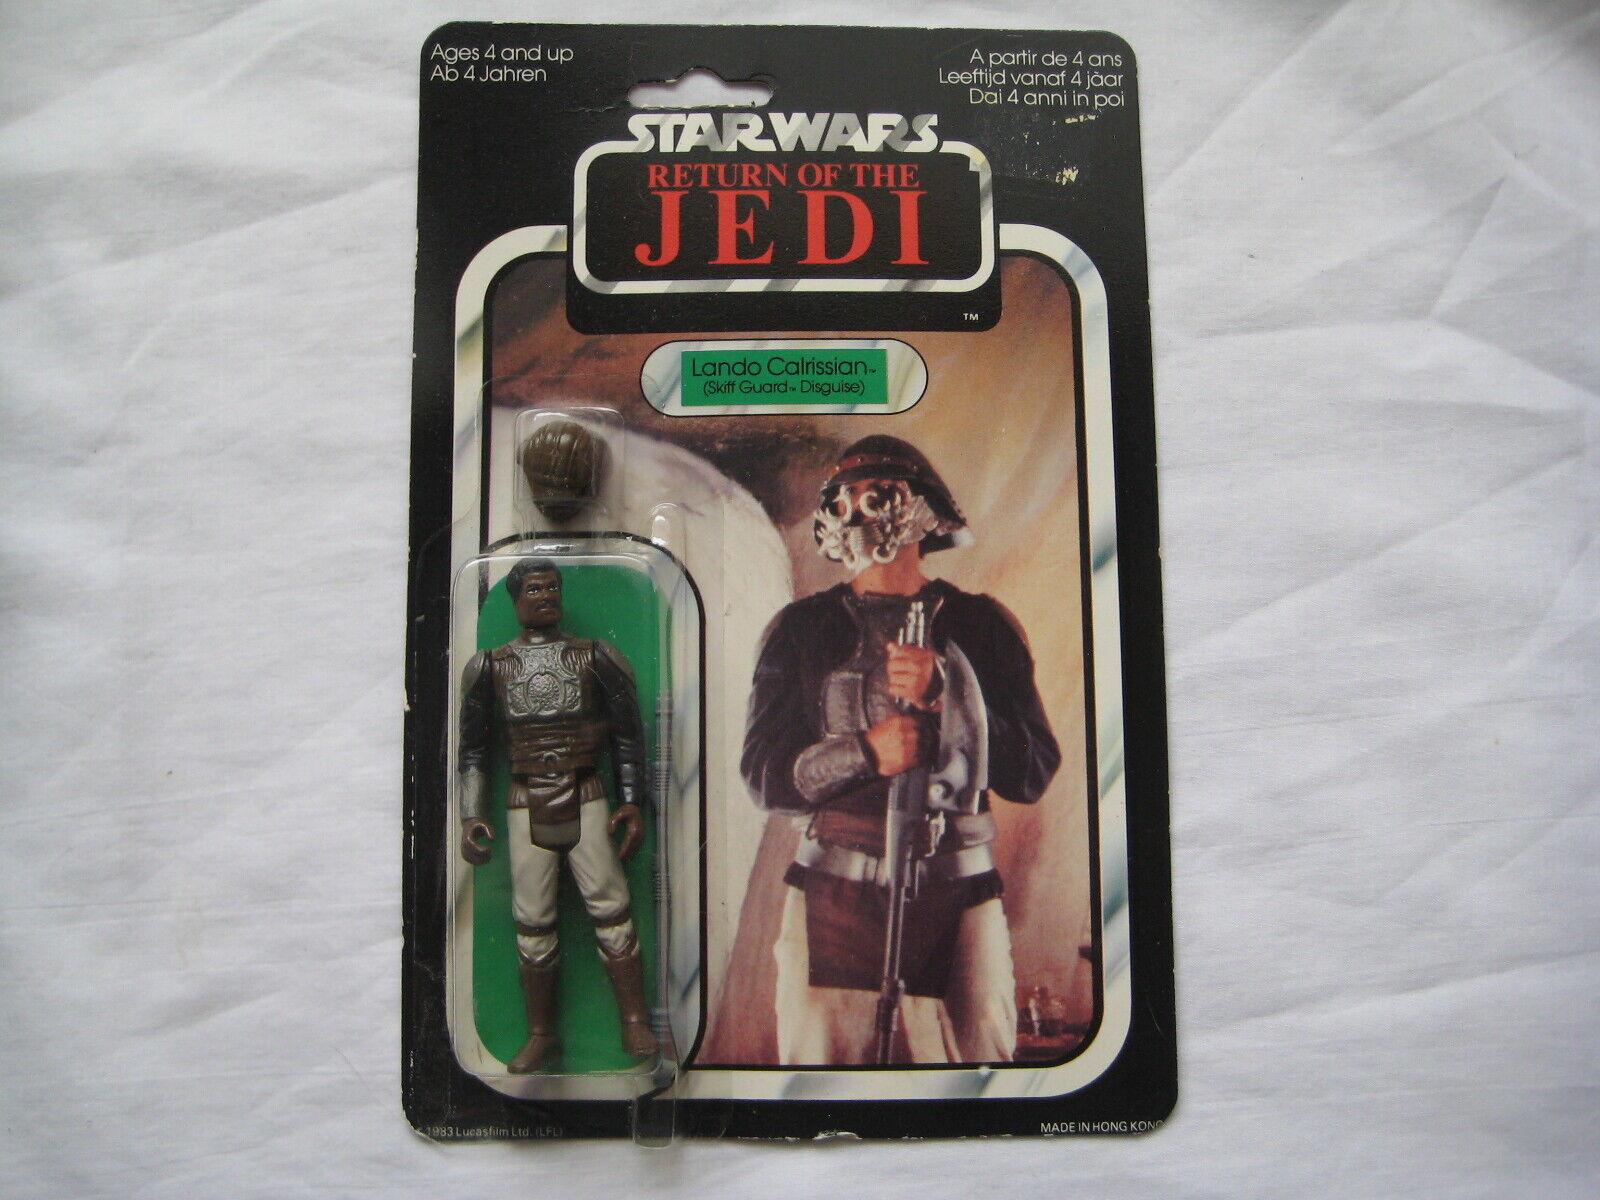 1984  estrella guerras Return Of The Jedi Leo Calrissian Skiff Guard Disguise Unopened  compra nuovo economico